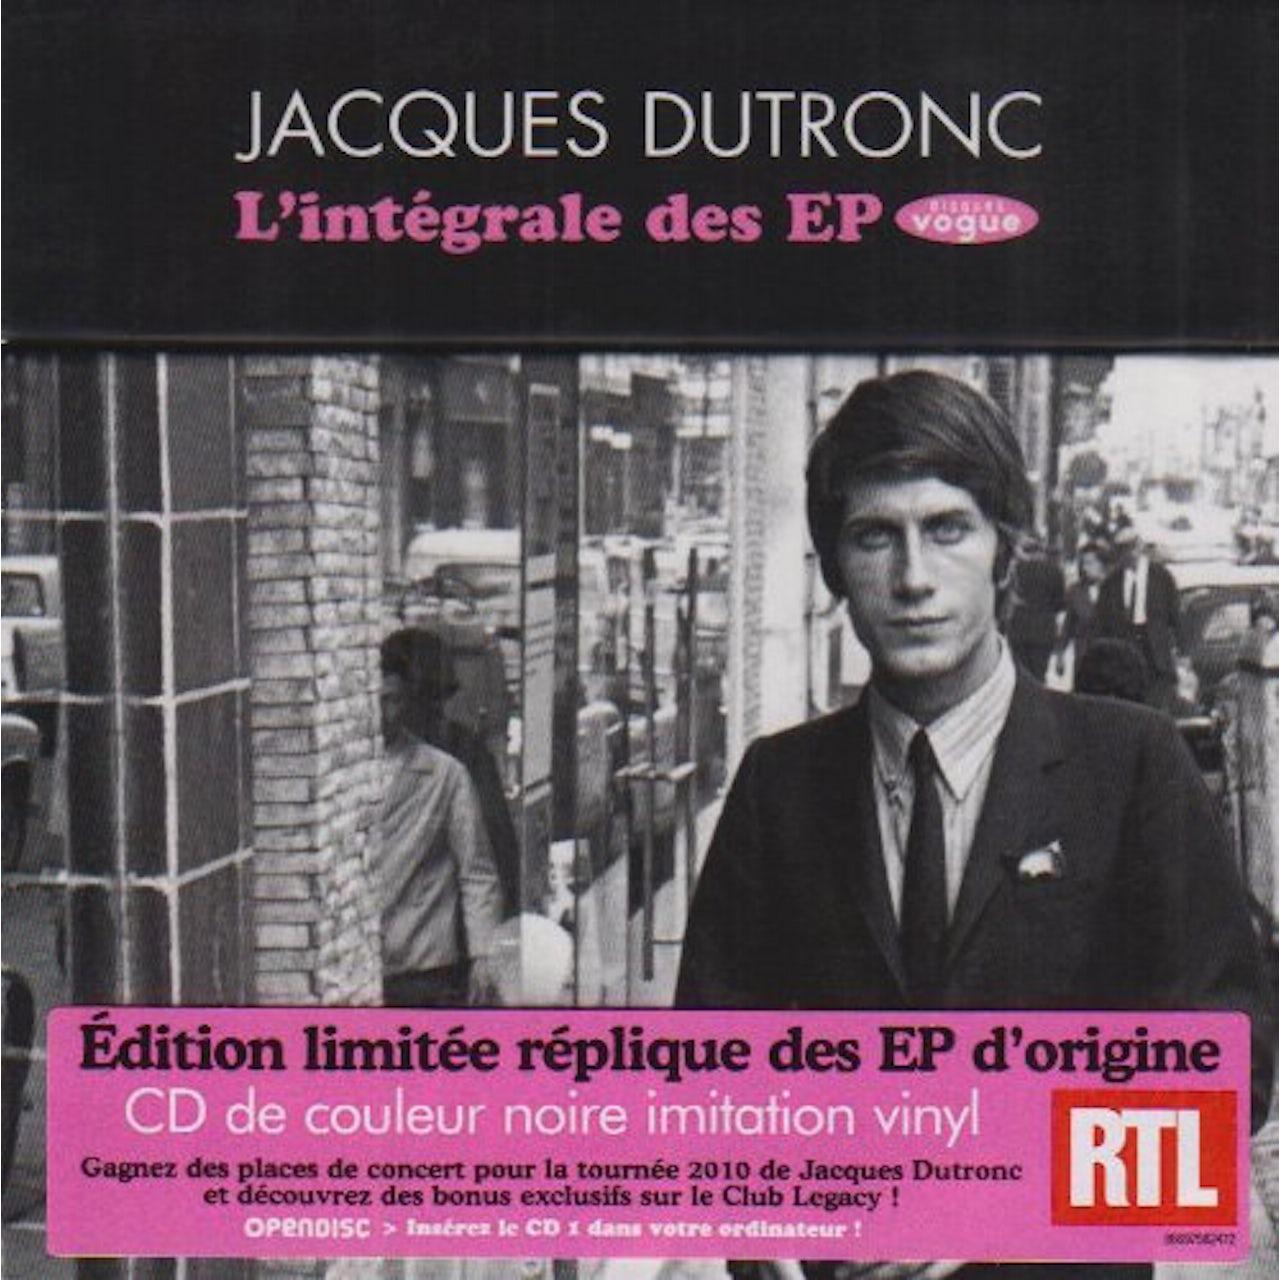 Jacques Dutronc LINTEGRALE DES EP VOGUE CD